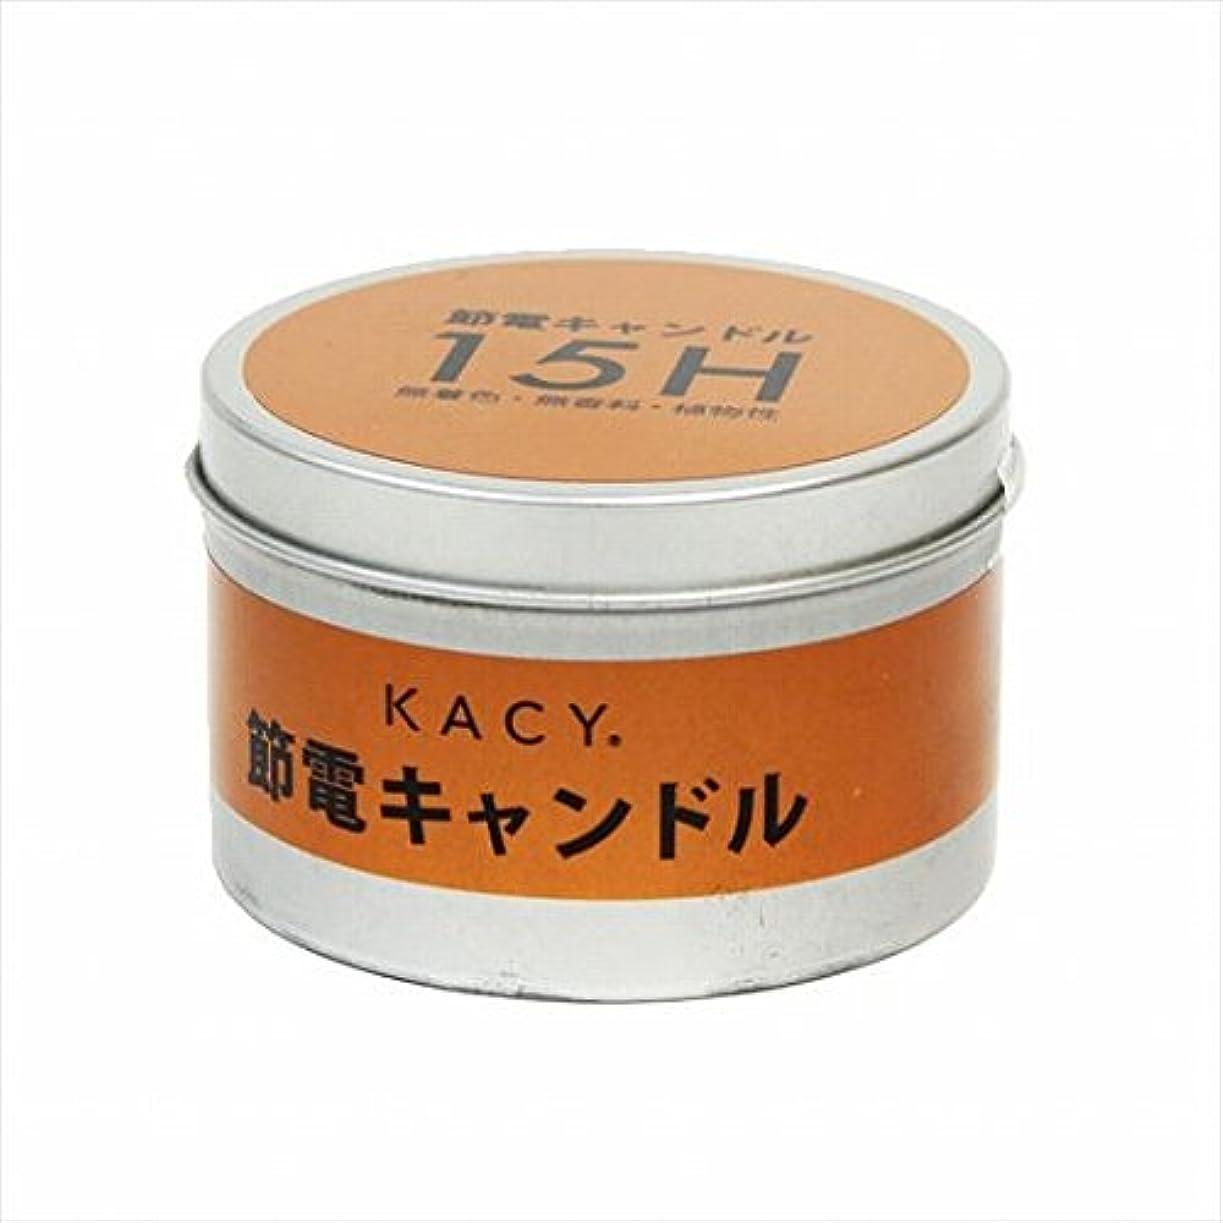 スナック病定期的なカメヤマキャンドル(kameyama candle) 節電缶キャンドル15時間タイプ